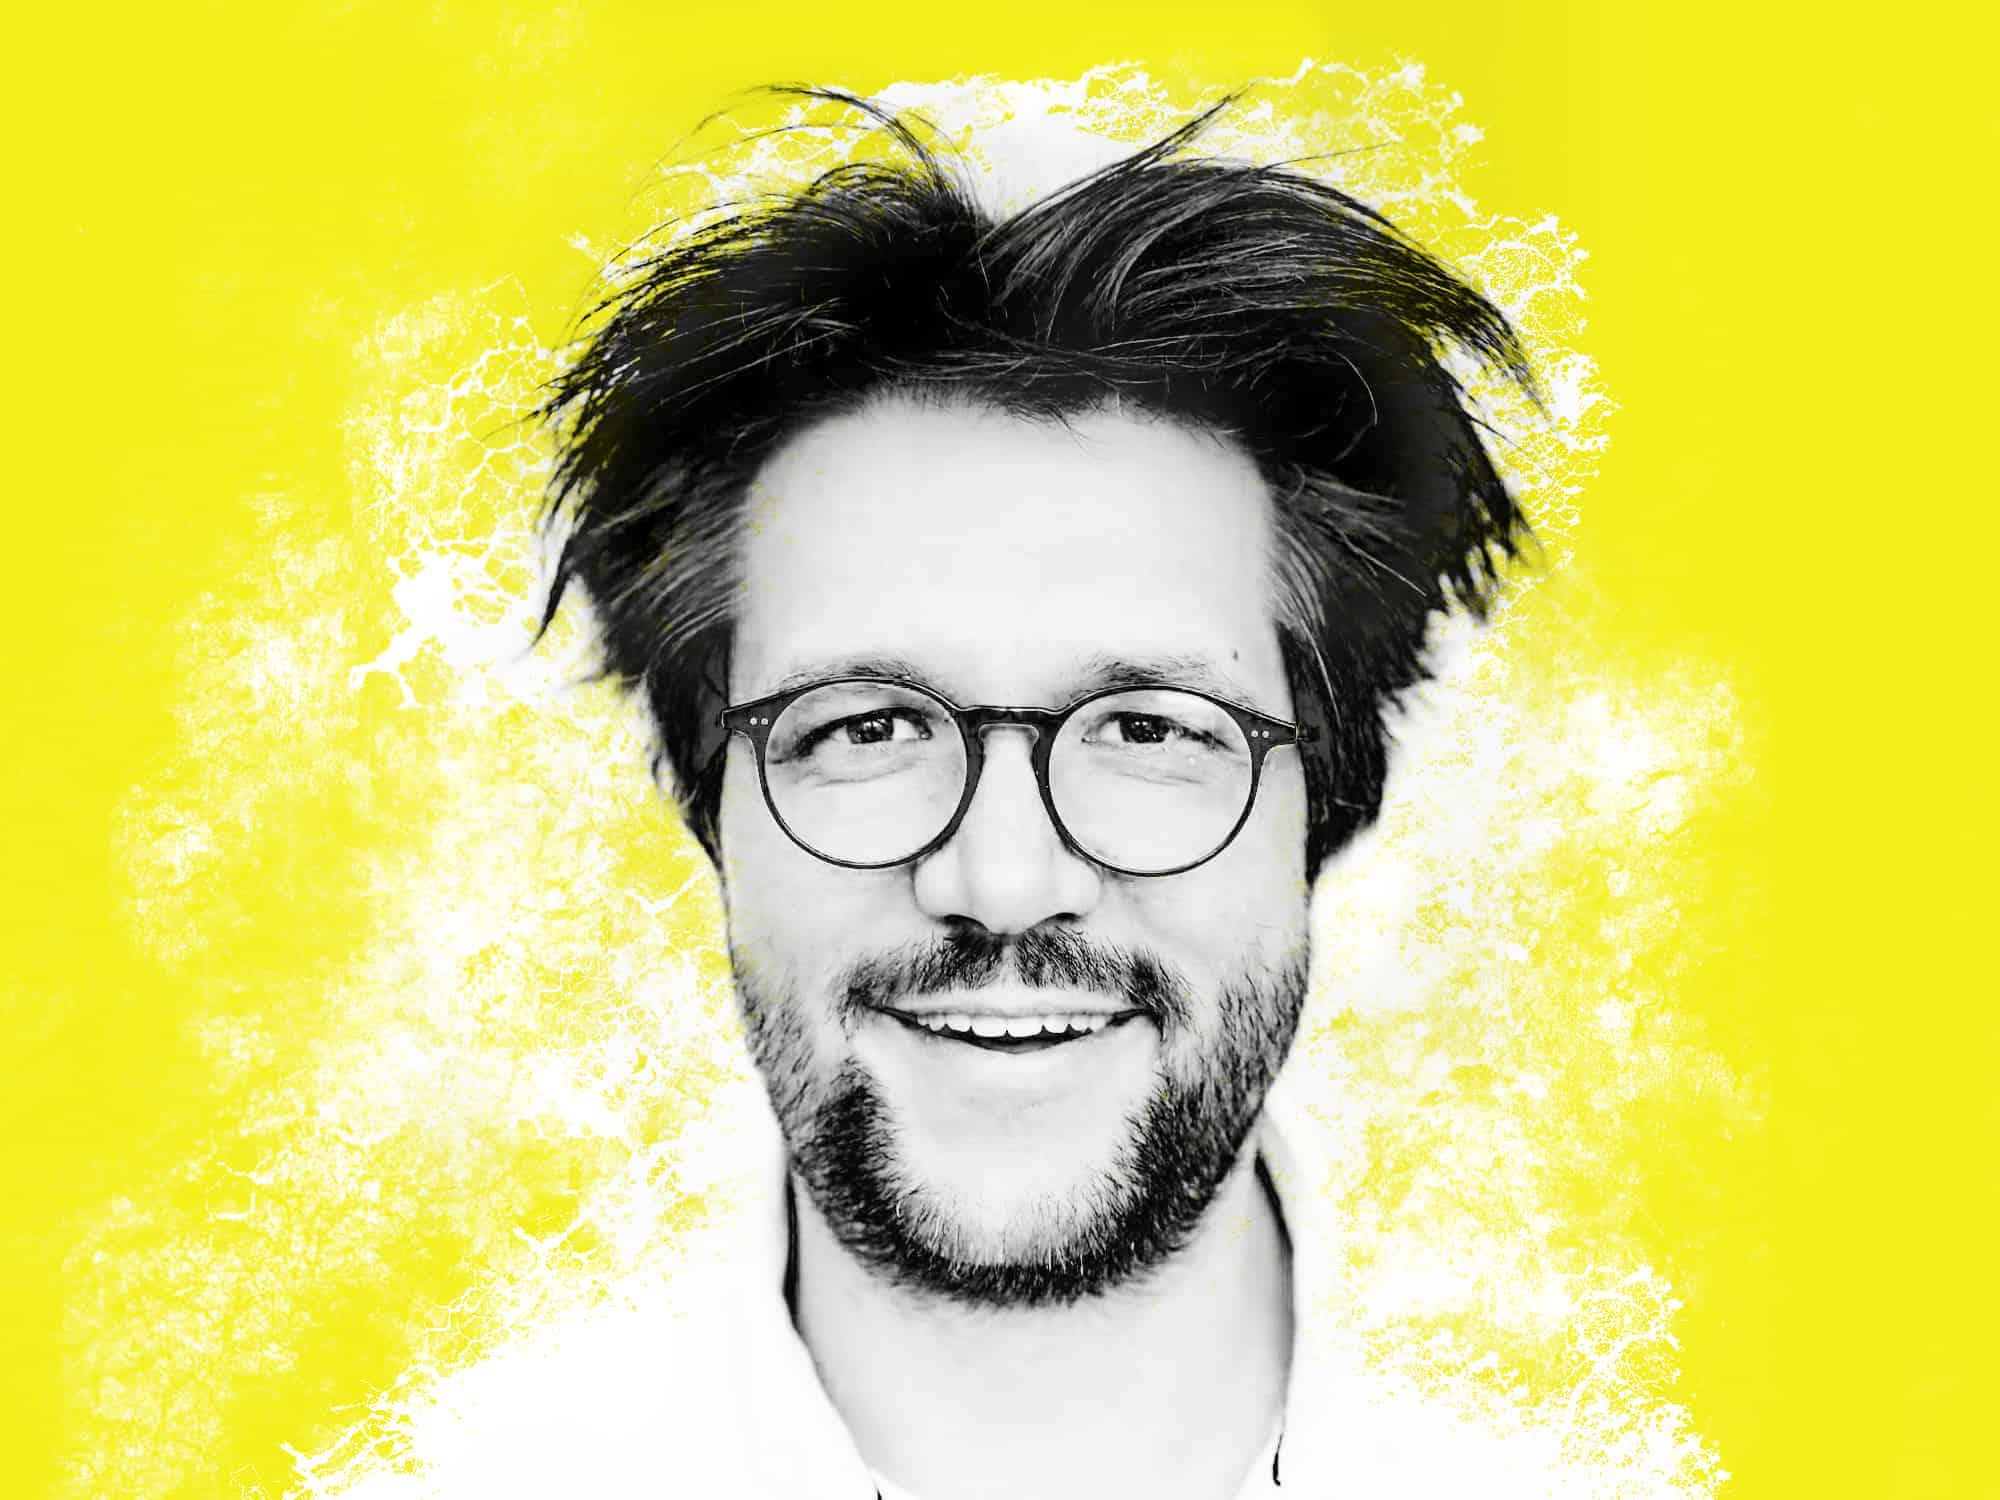 Jan Philipp Krawczyk